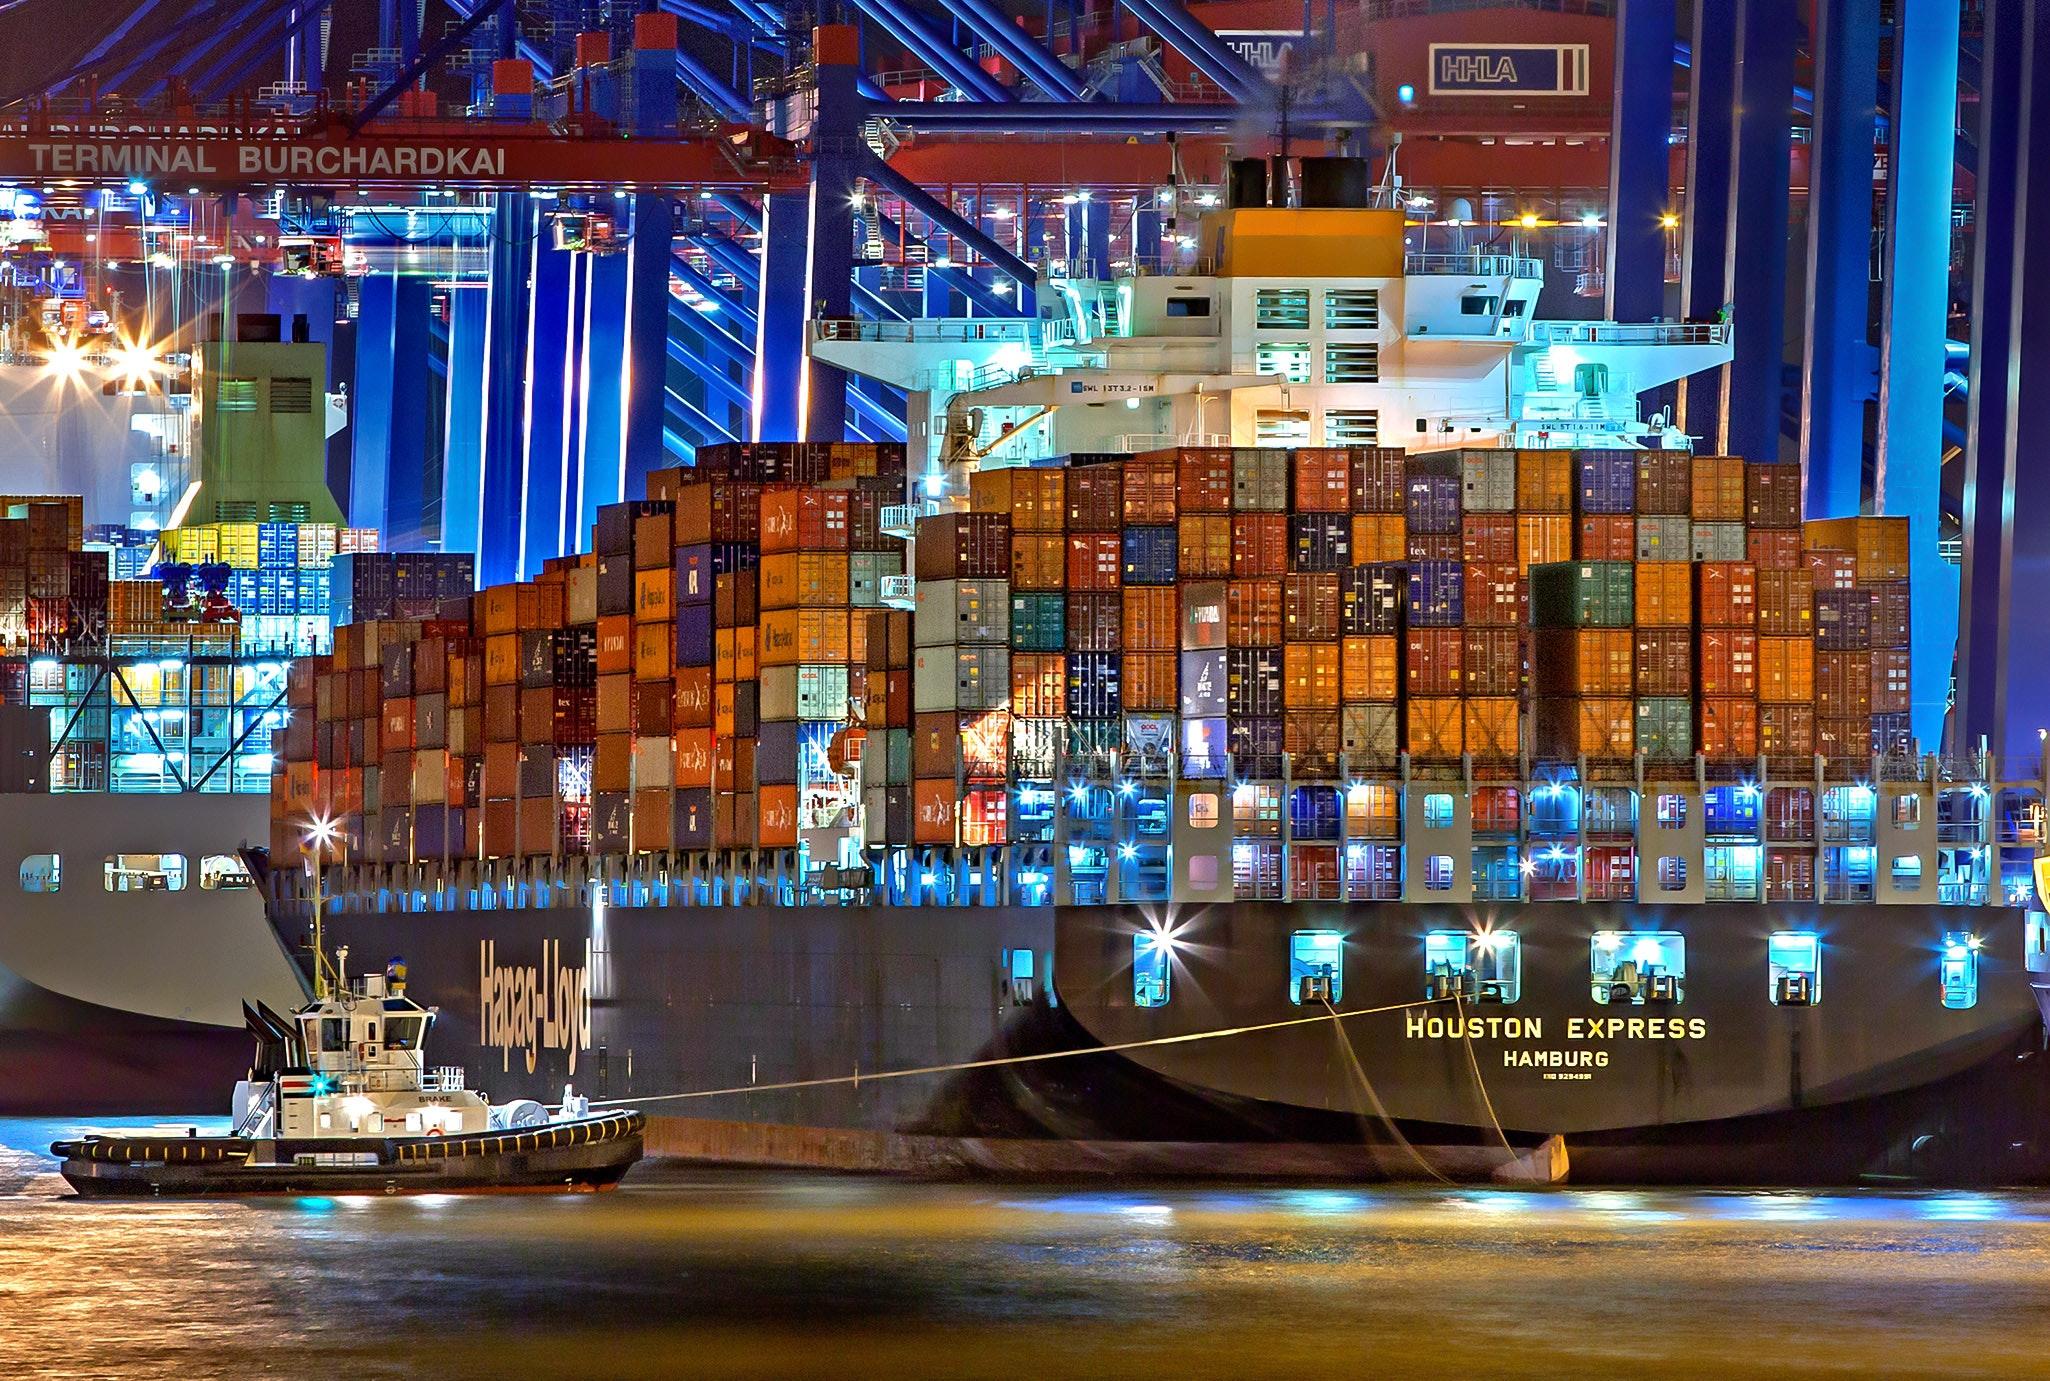 Transport maritime conteneurisé : vers l'avènement de géants des mers électriques et autonomes ?